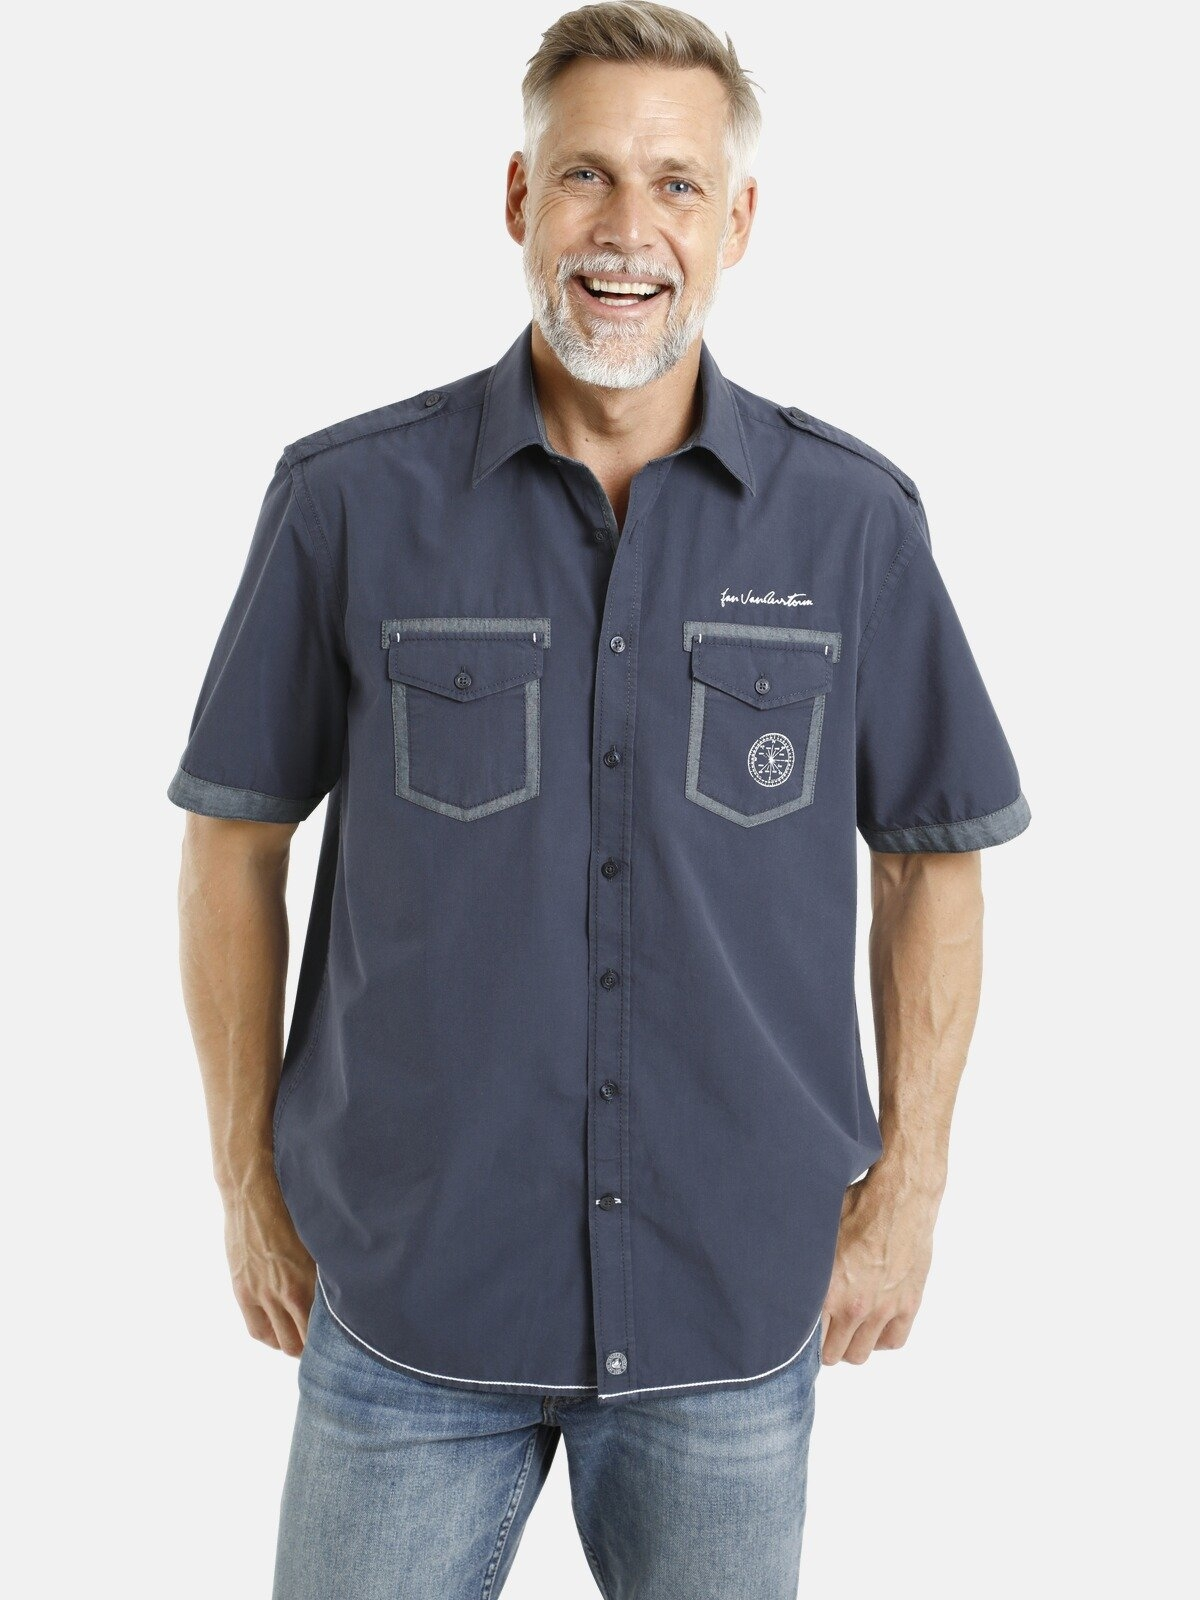 Jan Vanderstorm Overhemd met korte mouwen LOKE Epauletten, comfort fit bij OTTO online kopen